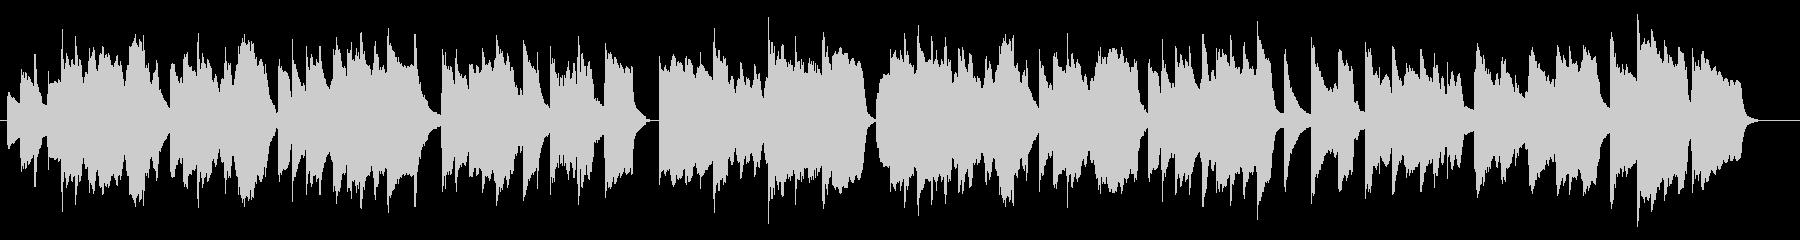 癒しのフルートとアコースティックギターの未再生の波形